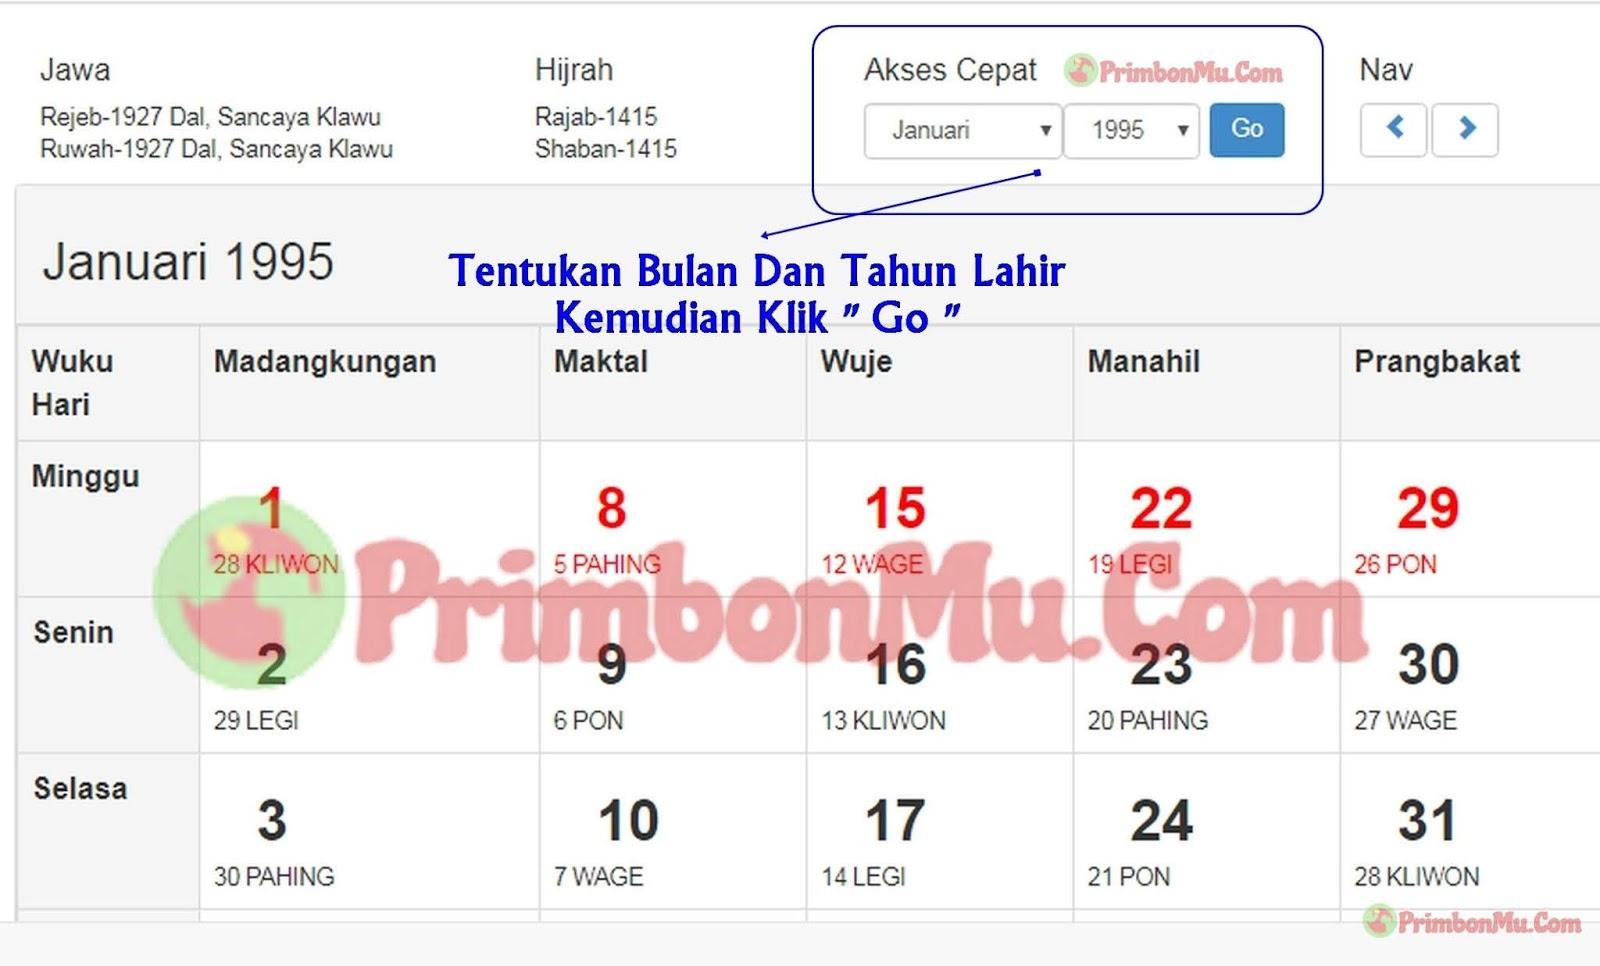 Cara Cek Weton Dari Hari Tanggal Lahir Dengan Kalender Jawa Online